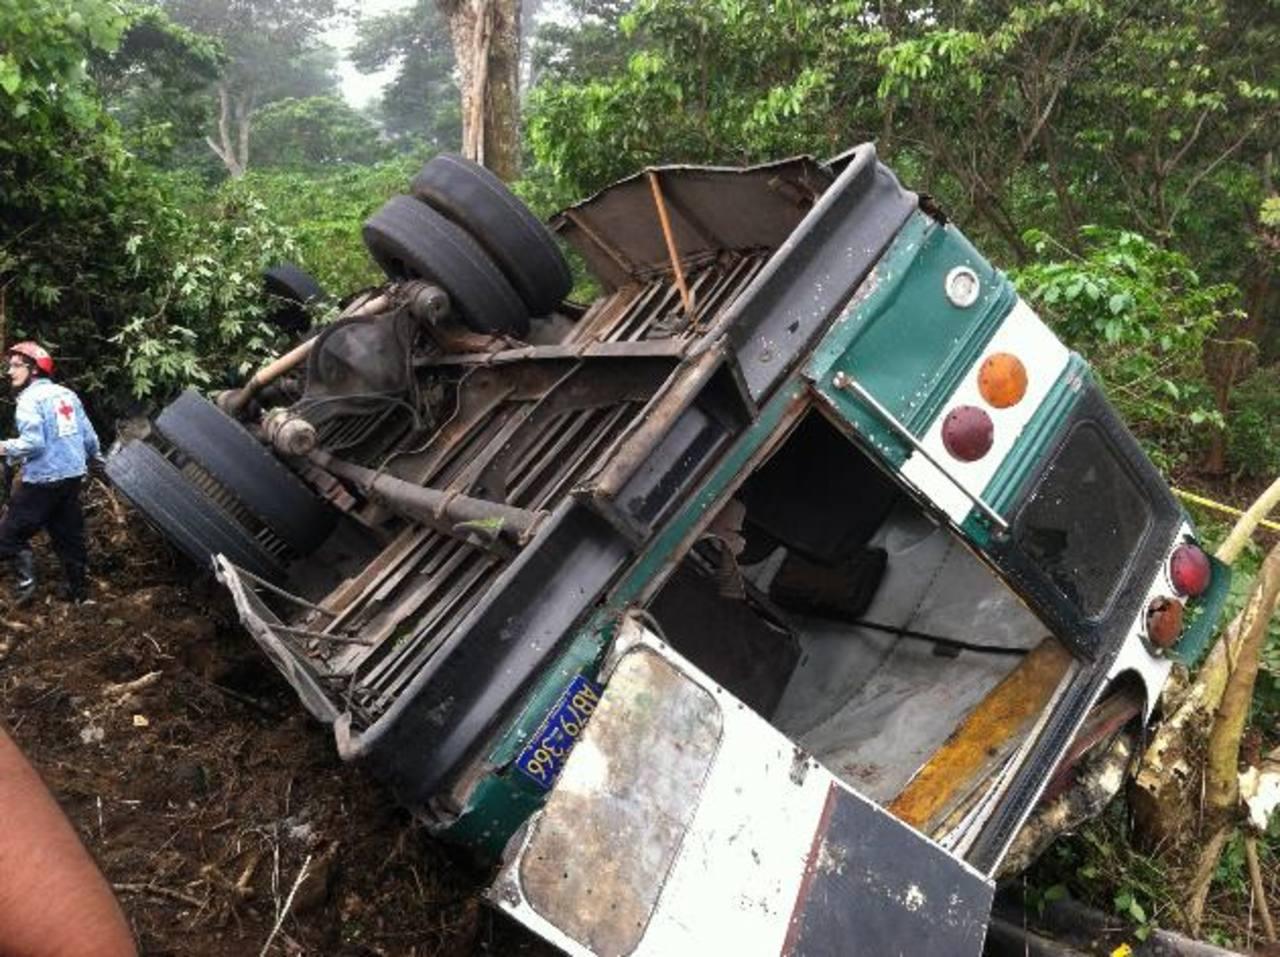 El accidente ocurrió la mañana del lunes sobre el kilómetro 14 de la calle al Boquerón, Santa Tecla. Foto/ Archivo